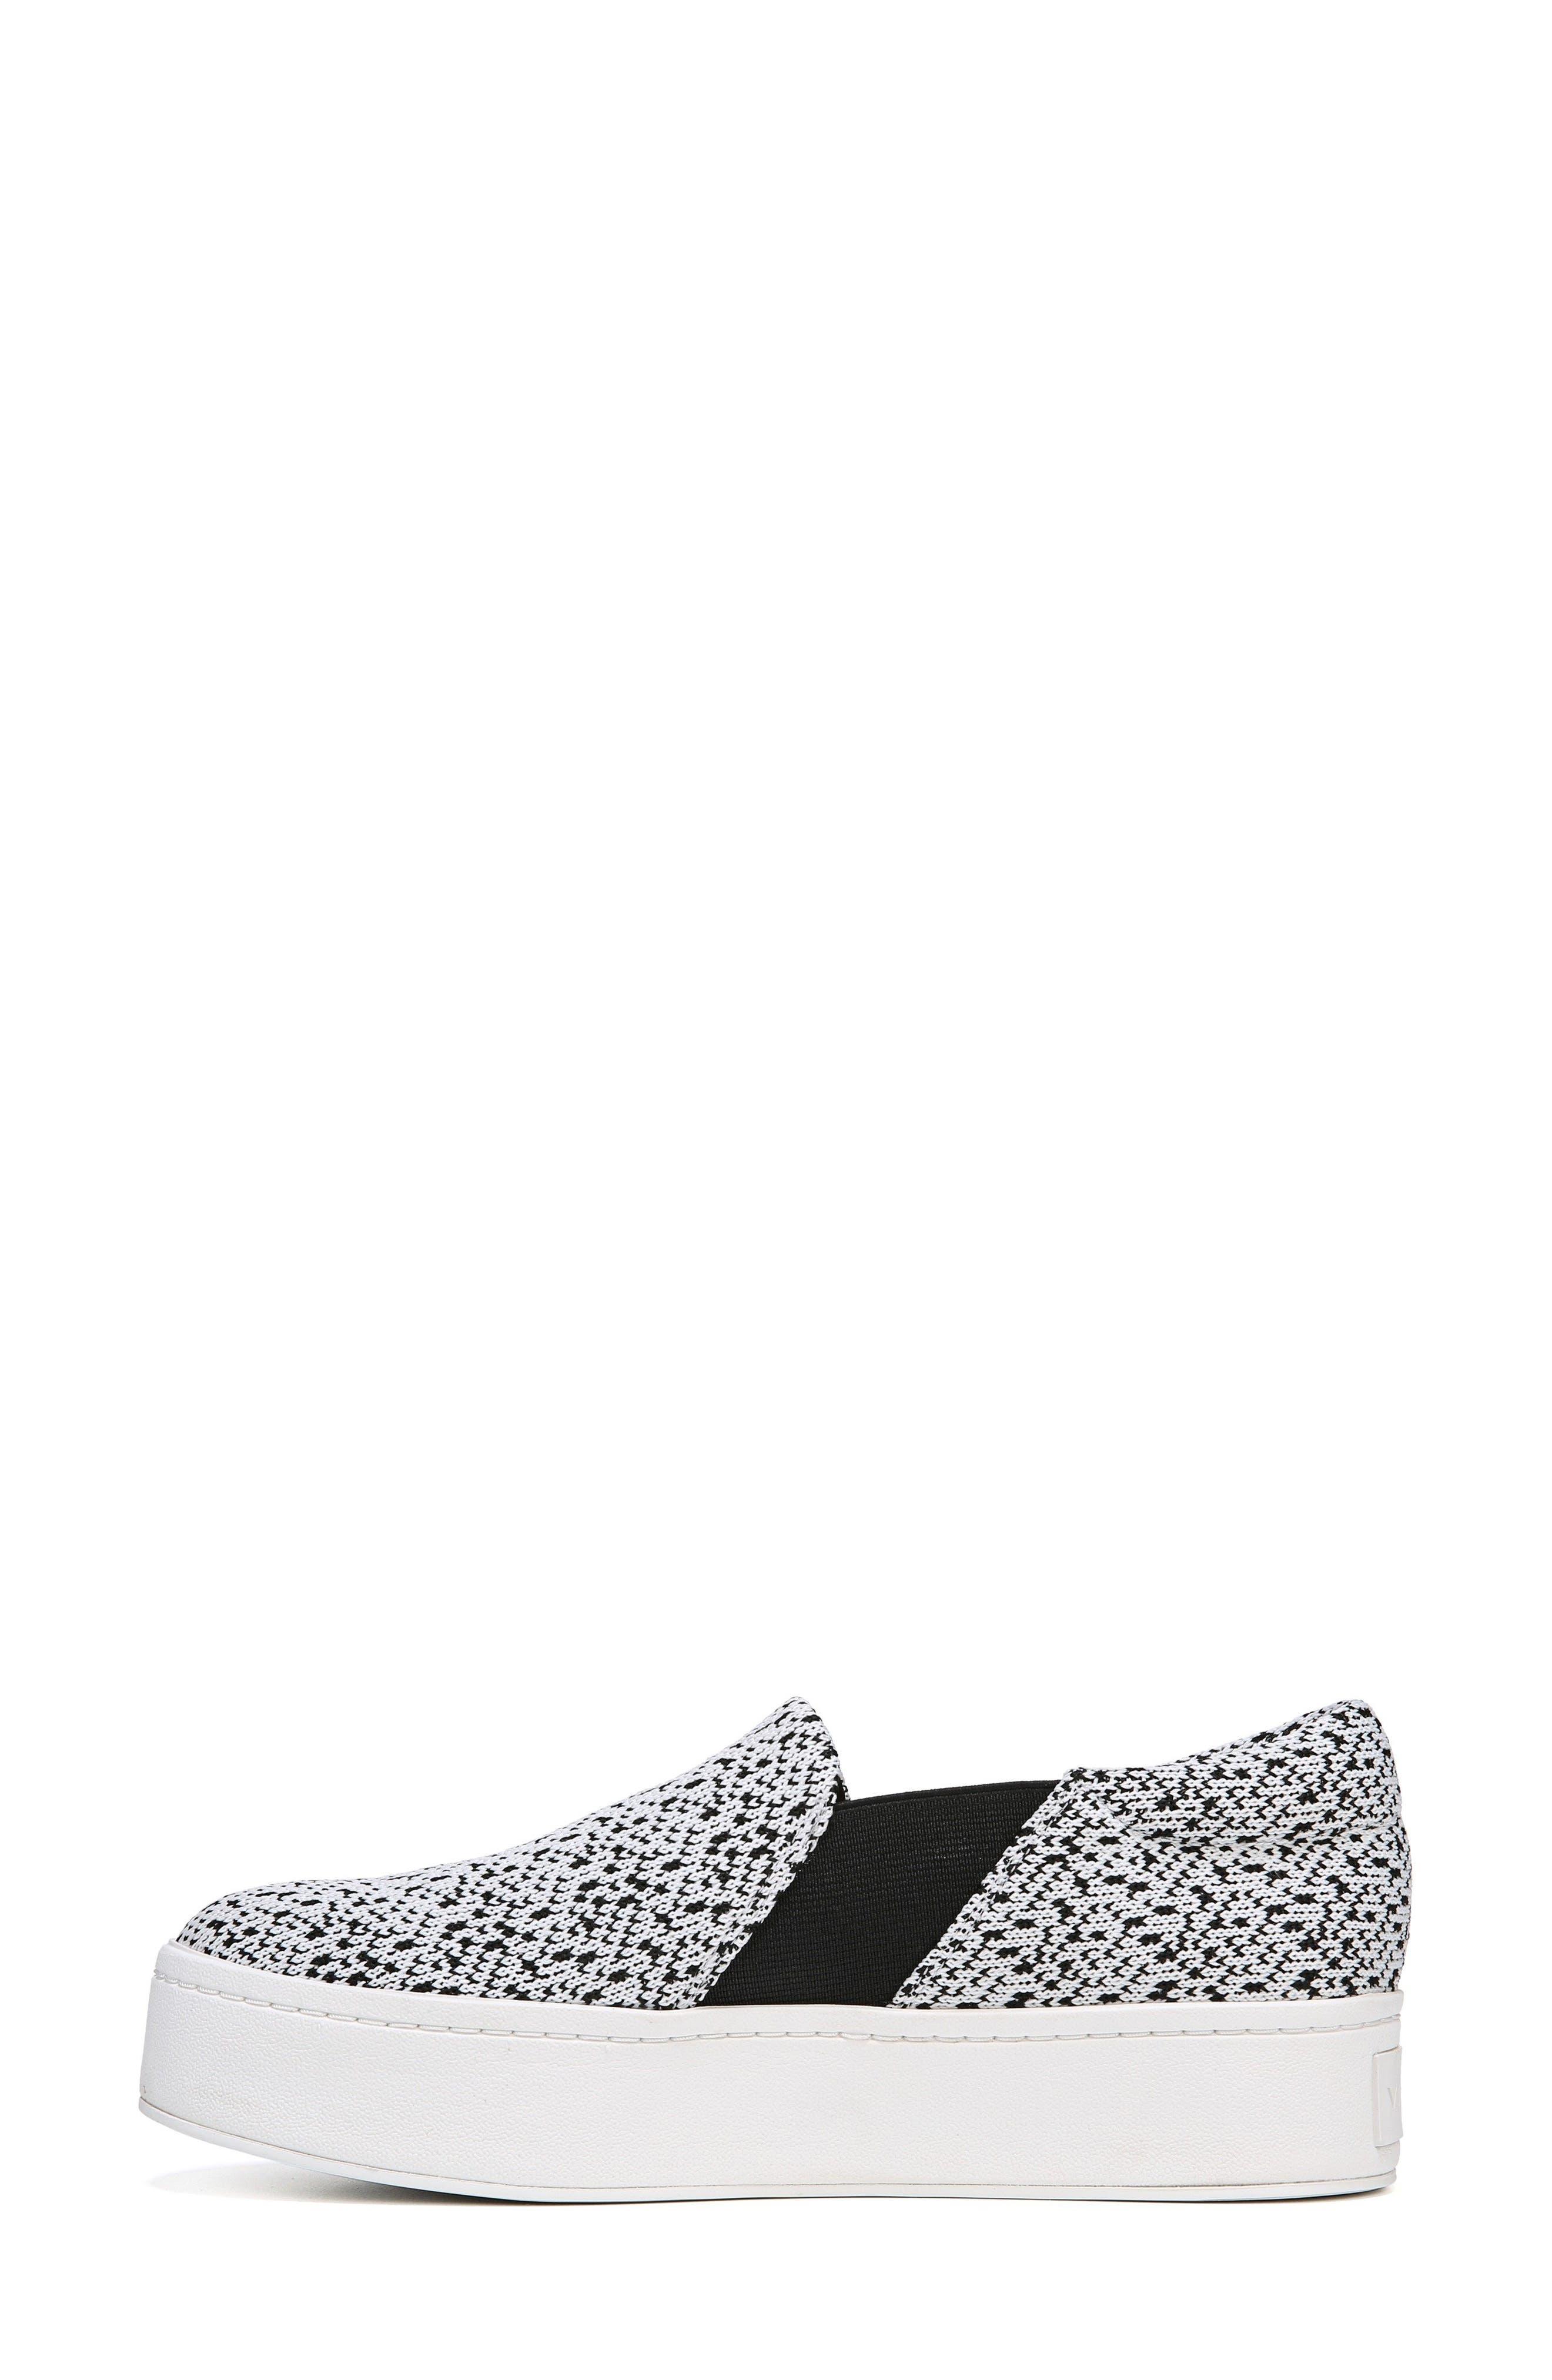 Warren Slip-On Sneaker,                             Alternate thumbnail 8, color,                             WHITE/ BLACK